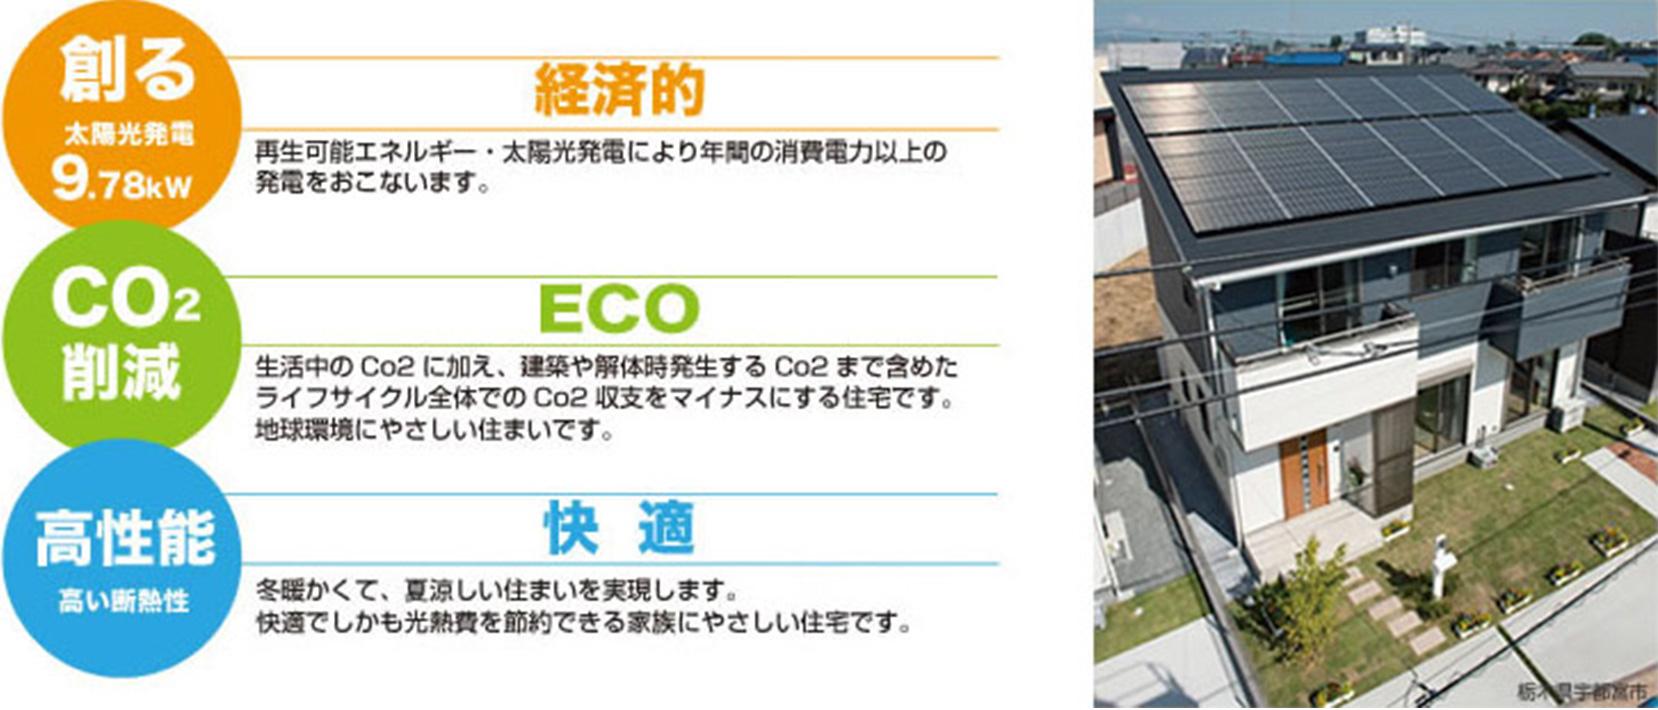 経済的・ECO・快適